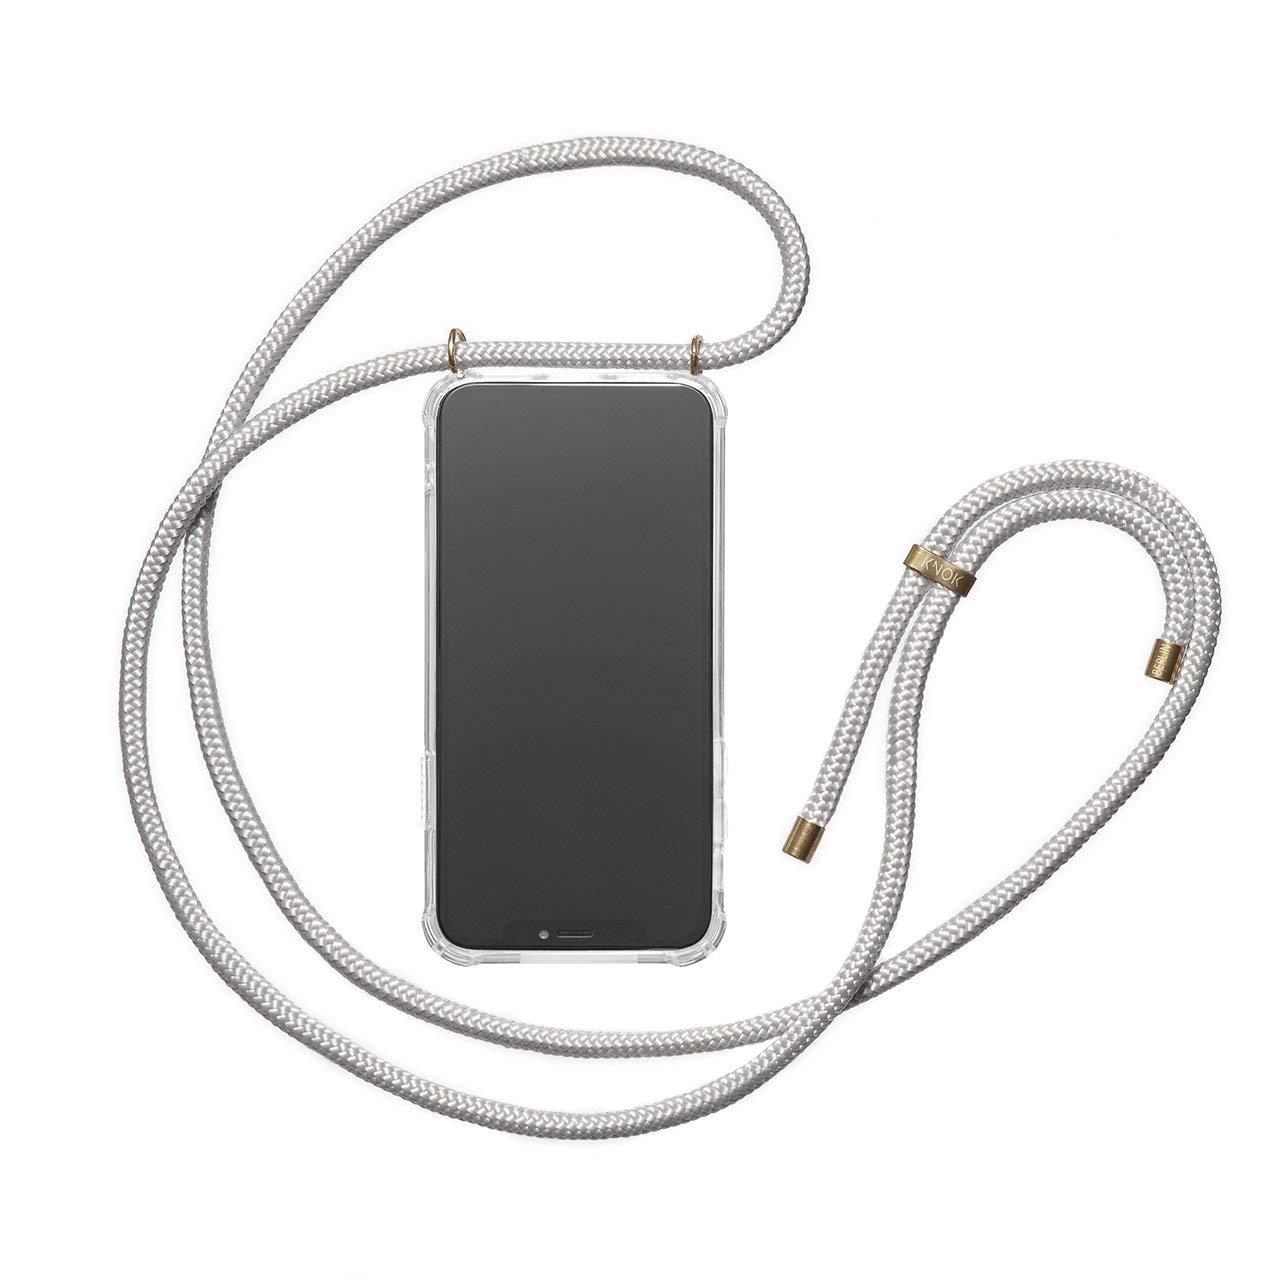 KNOK Funda Colgante movil con Cuerda para Colgar iPhone XR con Cordon para Llevar en el Cuello Hecho a Mano en Berlin Case Carcasa de m/óvil iPhone Samsung Huawei con Correa Colgante